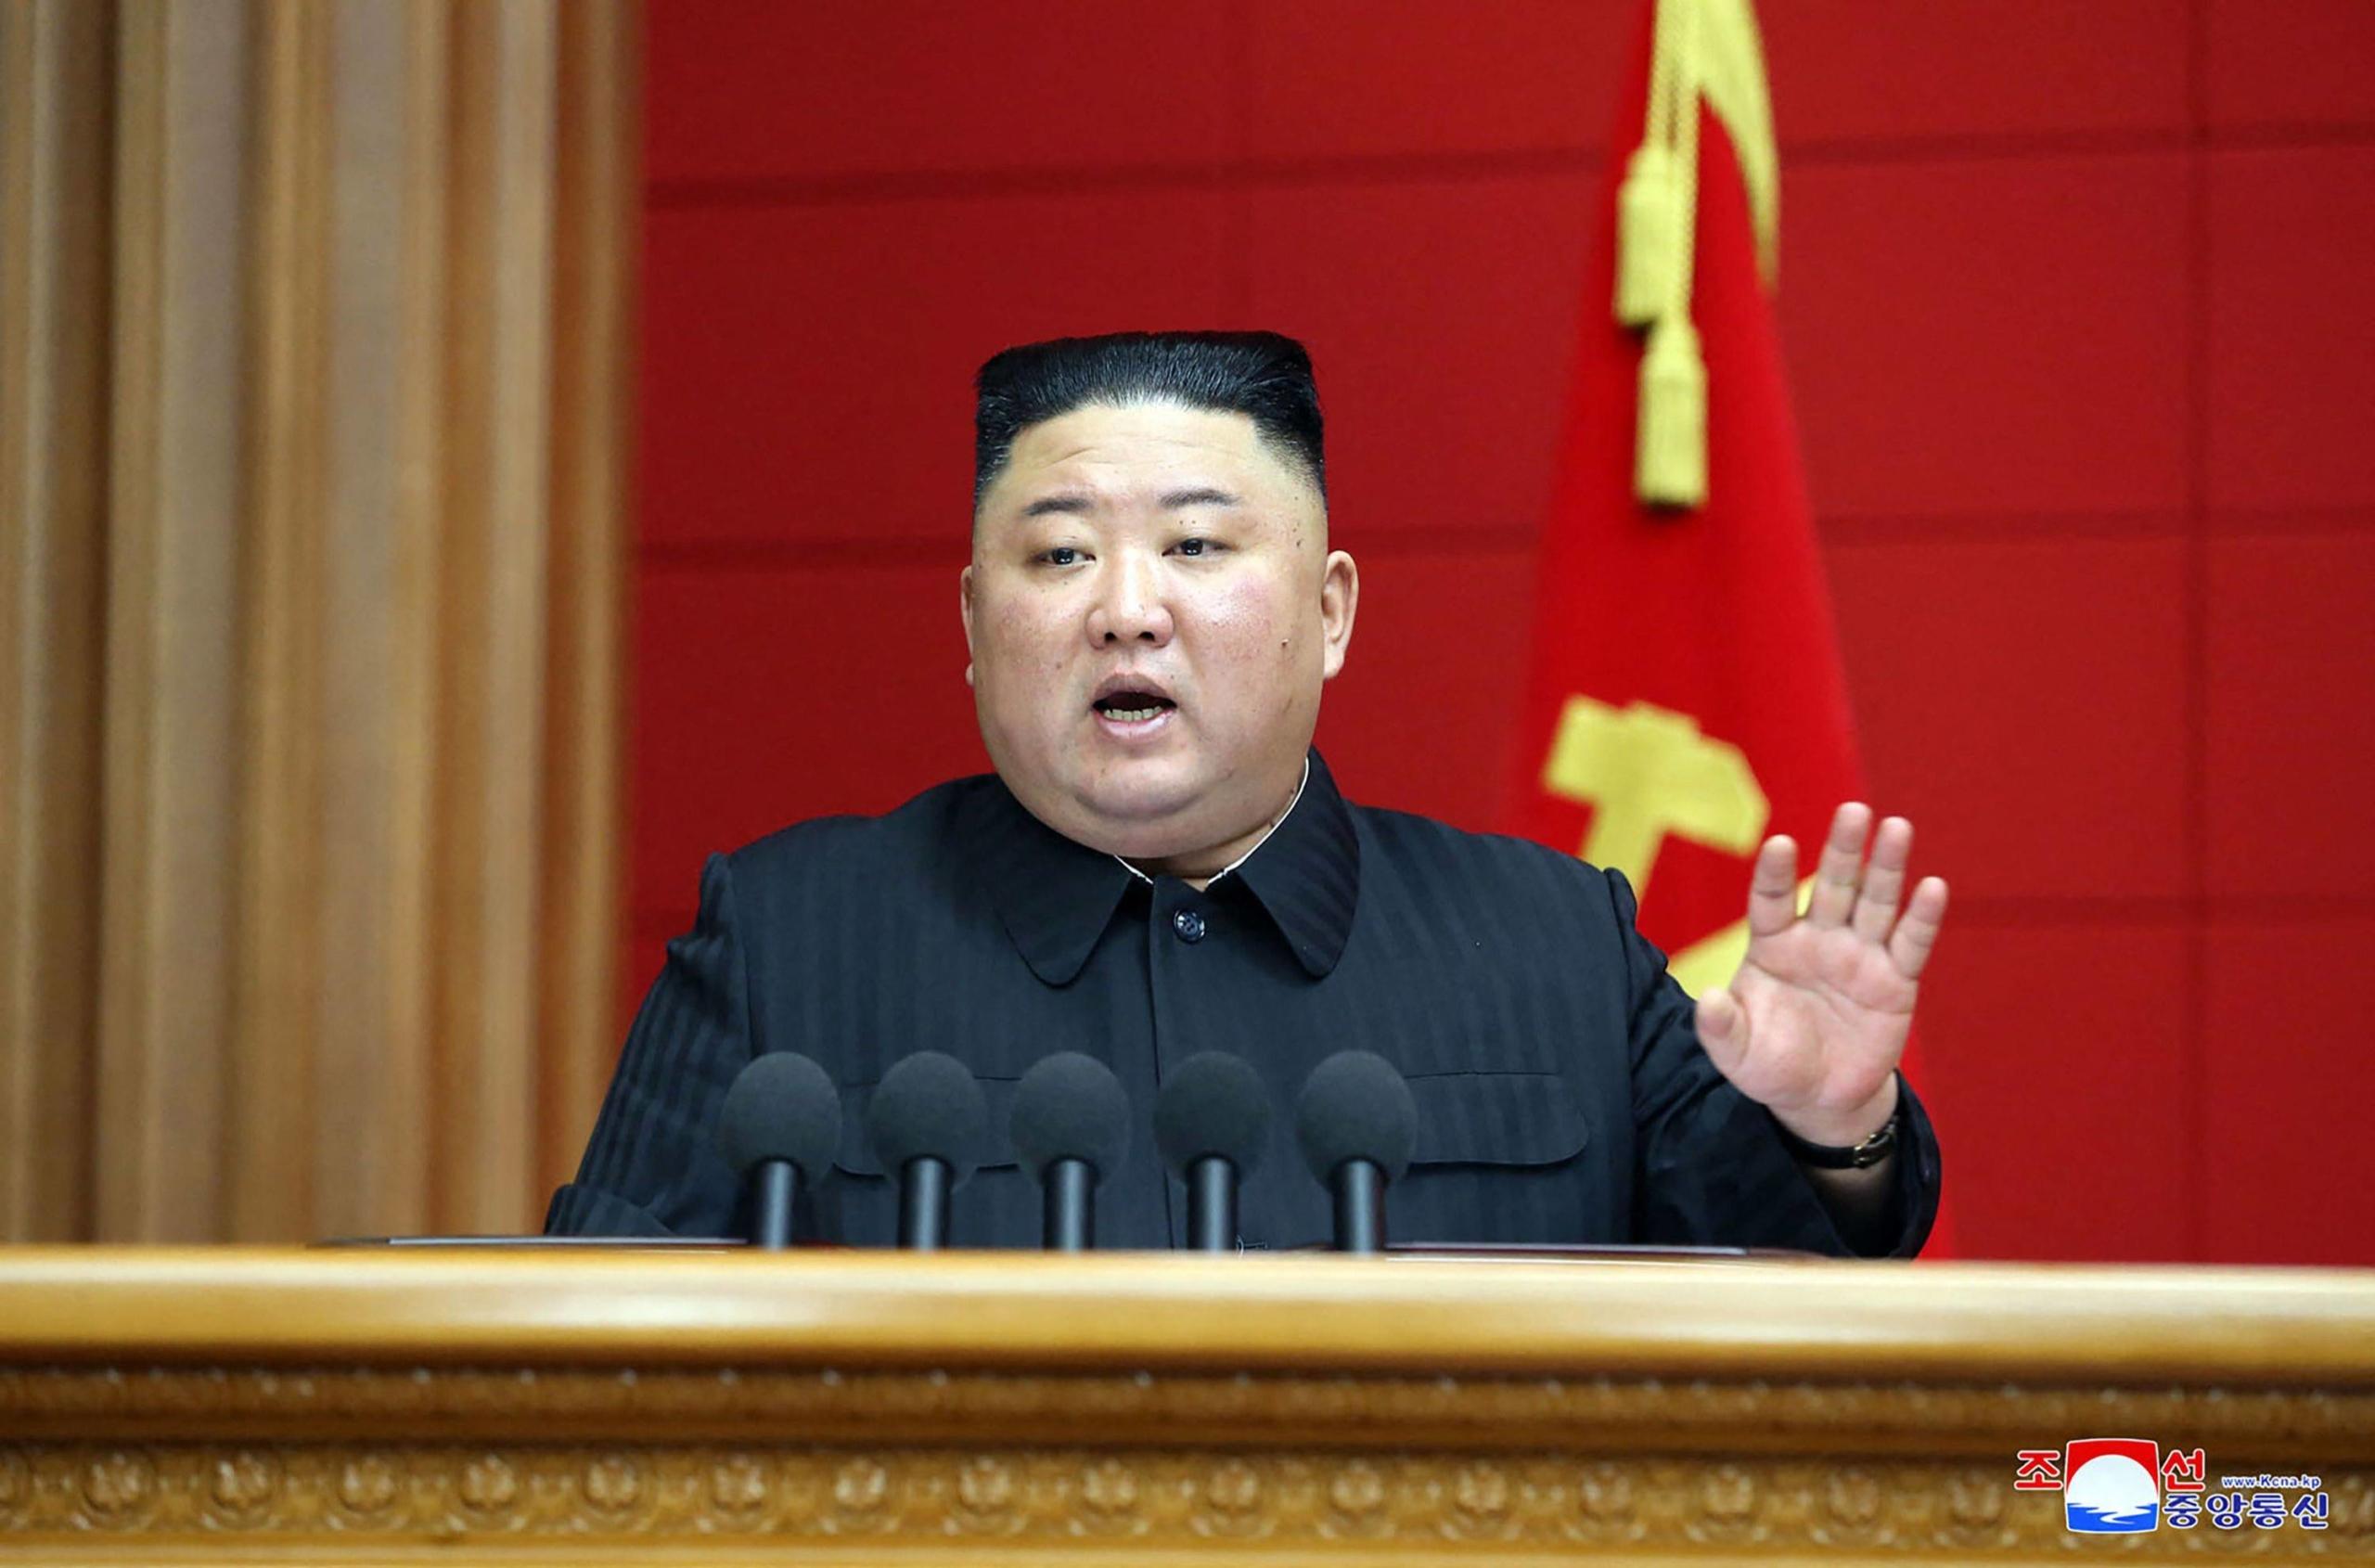 Kuzey Kore'de havlu attı!